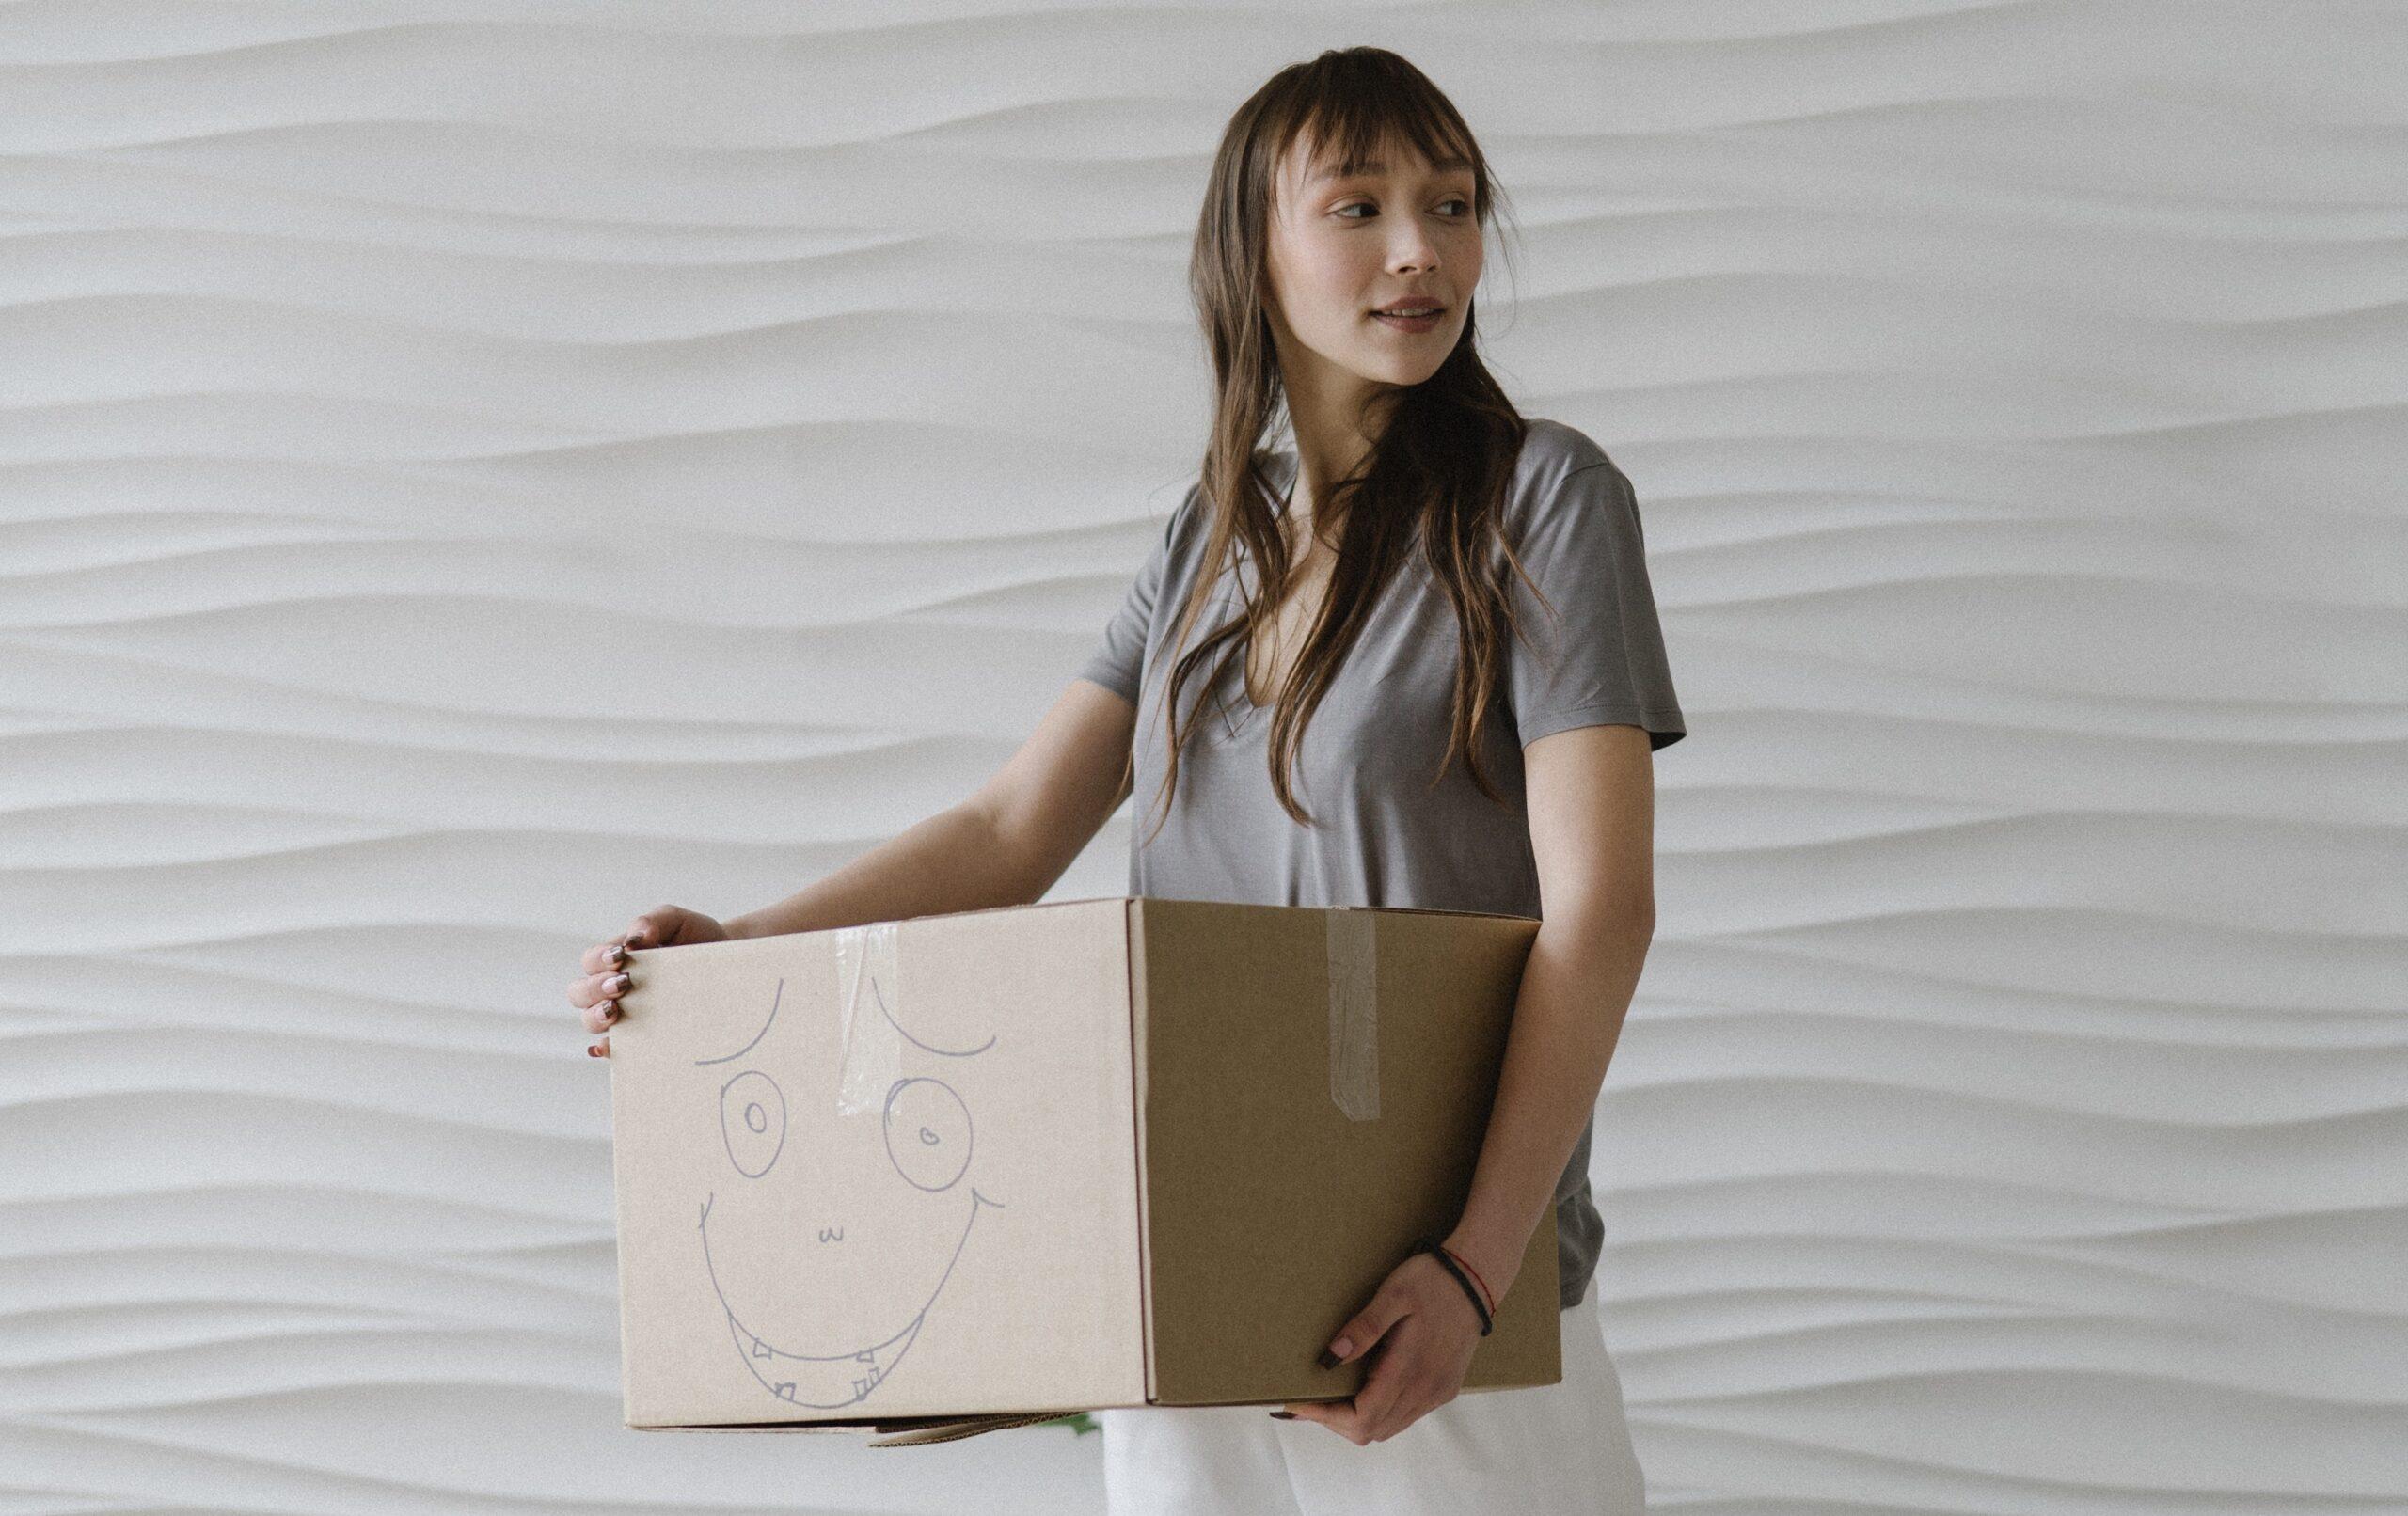 költöztetés hölgy dobozzal kezében